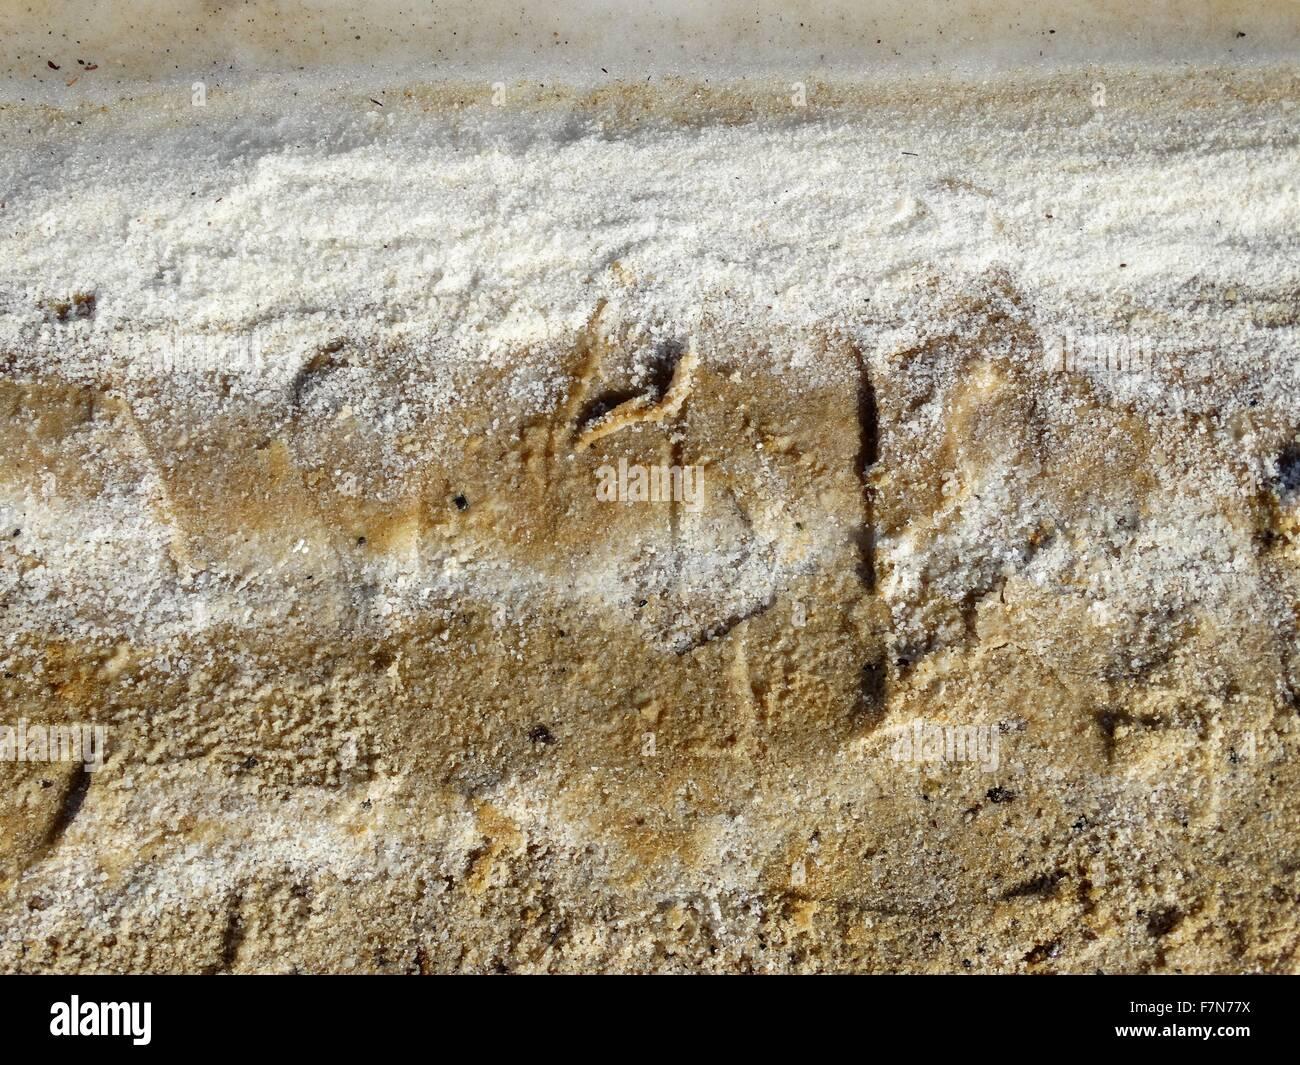 Depósitos de sal del mar muerto; Israel 2014 Imagen De Stock